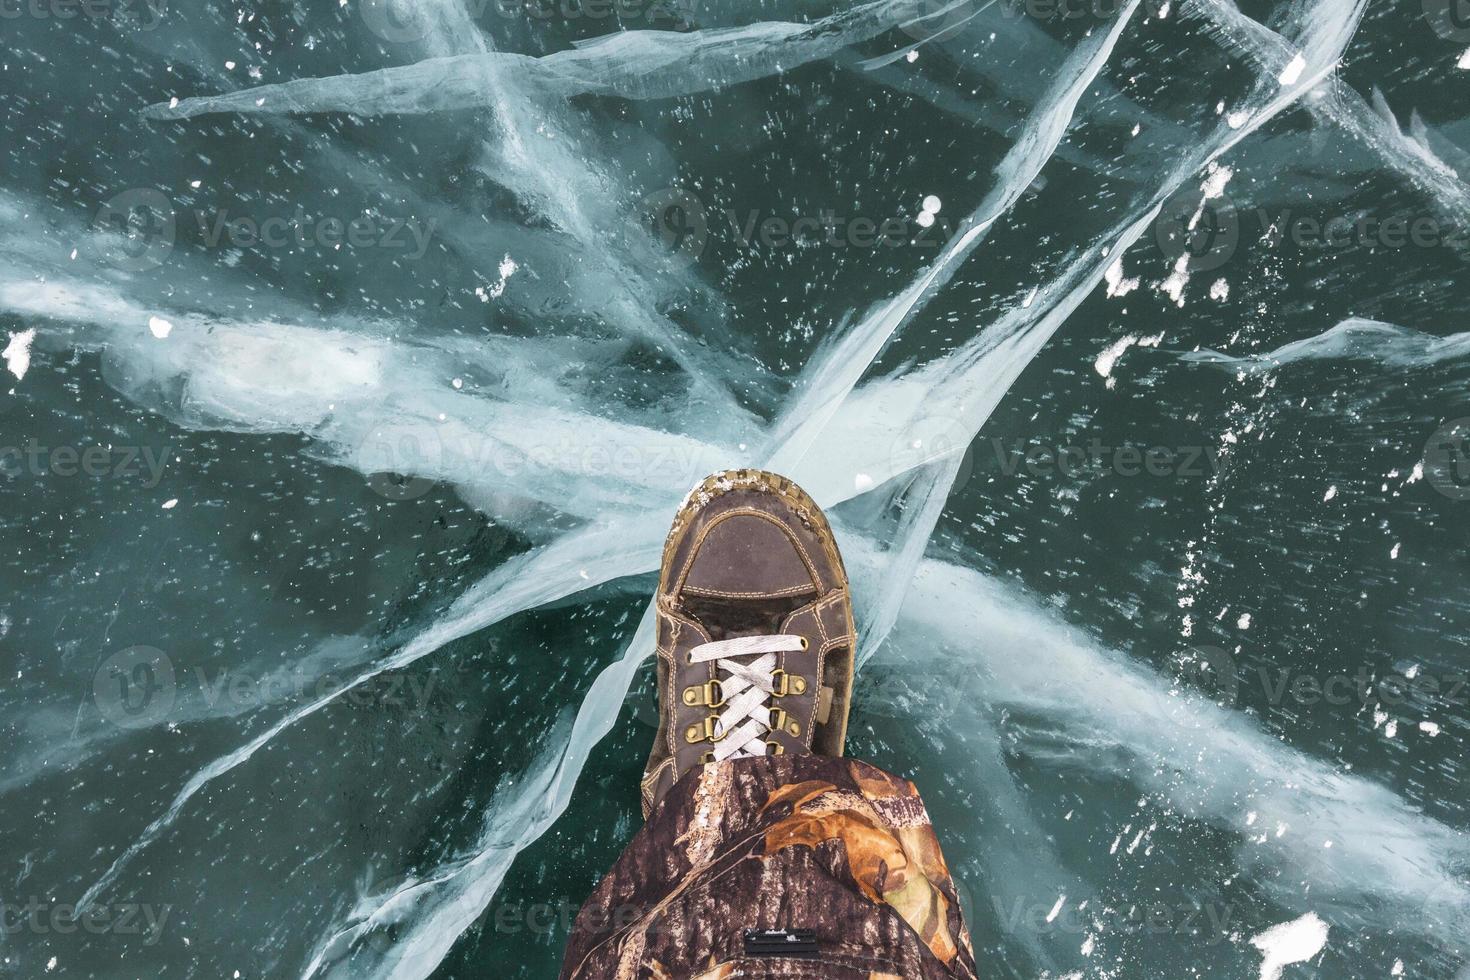 pés humanos em botas no gelo foto